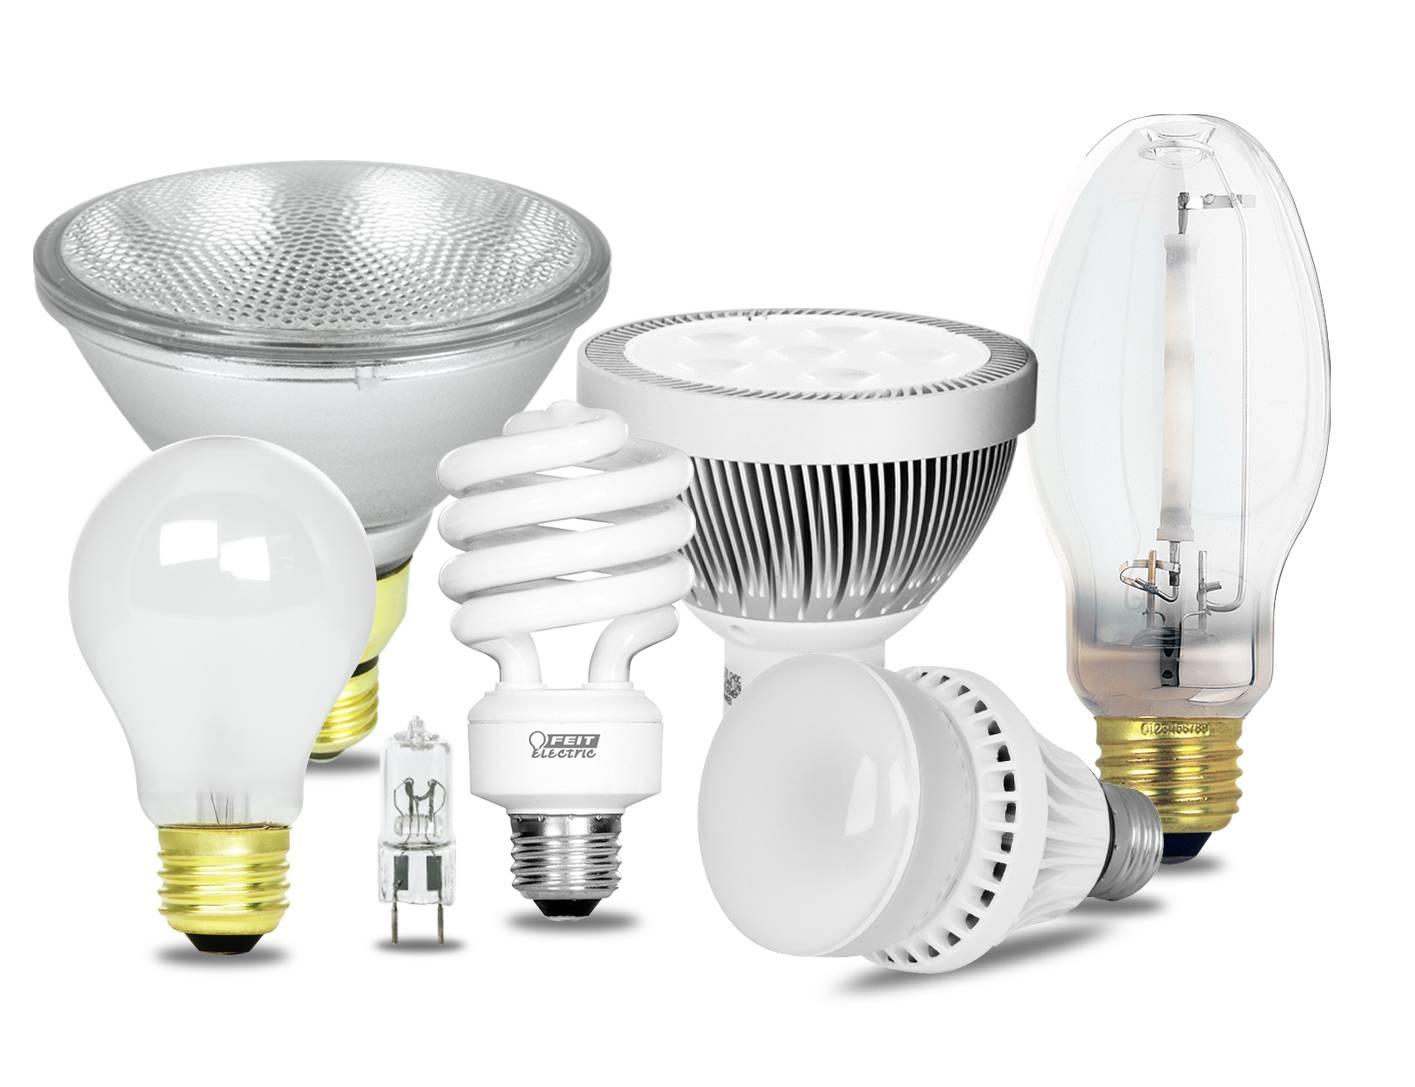 Migliori lampade a basso consumo - Lampade e lampadine - Conosciamo meglio le...